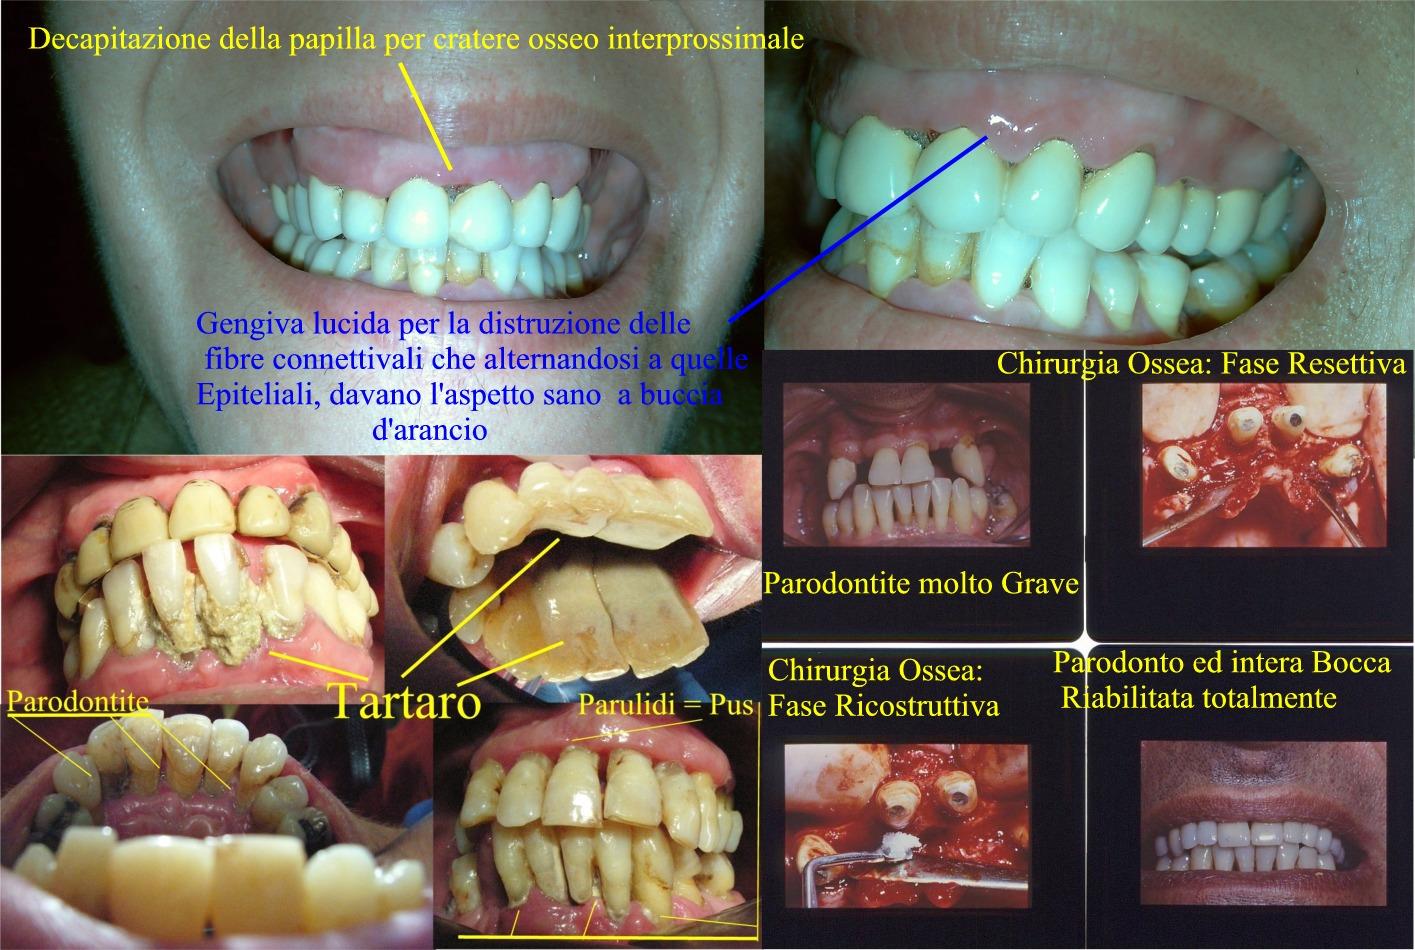 Varie Parodontiti e come ultima foto riabilitazione Parodontale Completa in Caso Clinico Complesso. Da Dr. Gustavo Petti Parodontologo e Riabilitatore Orale in Casi Clinici Complessi, di Cagliari